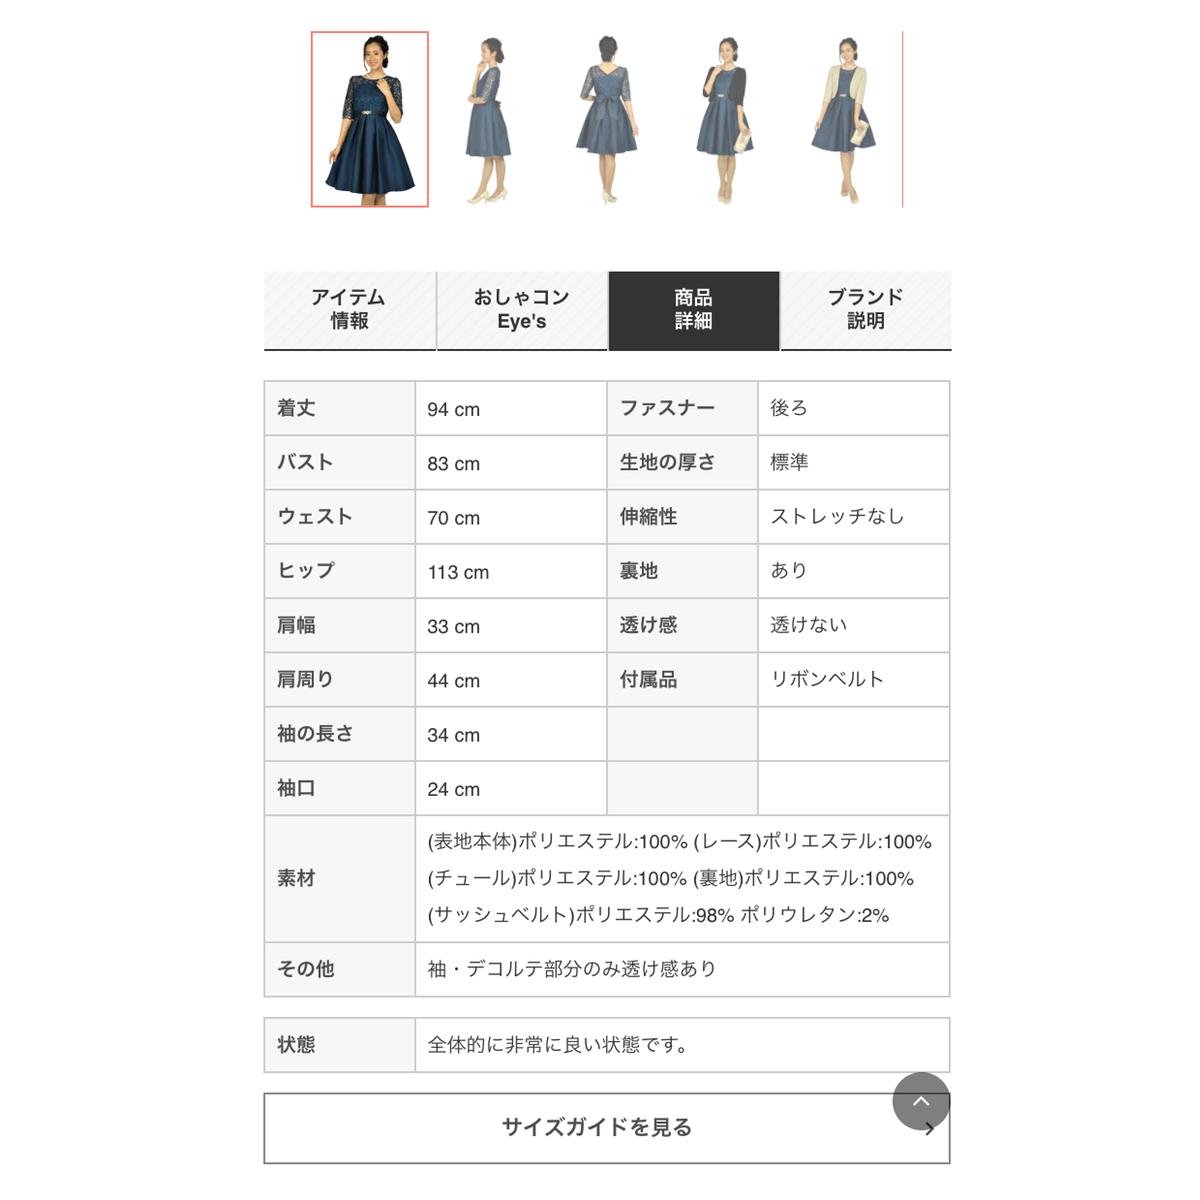 気に入ったドレスが見つかればサイズを要チェック